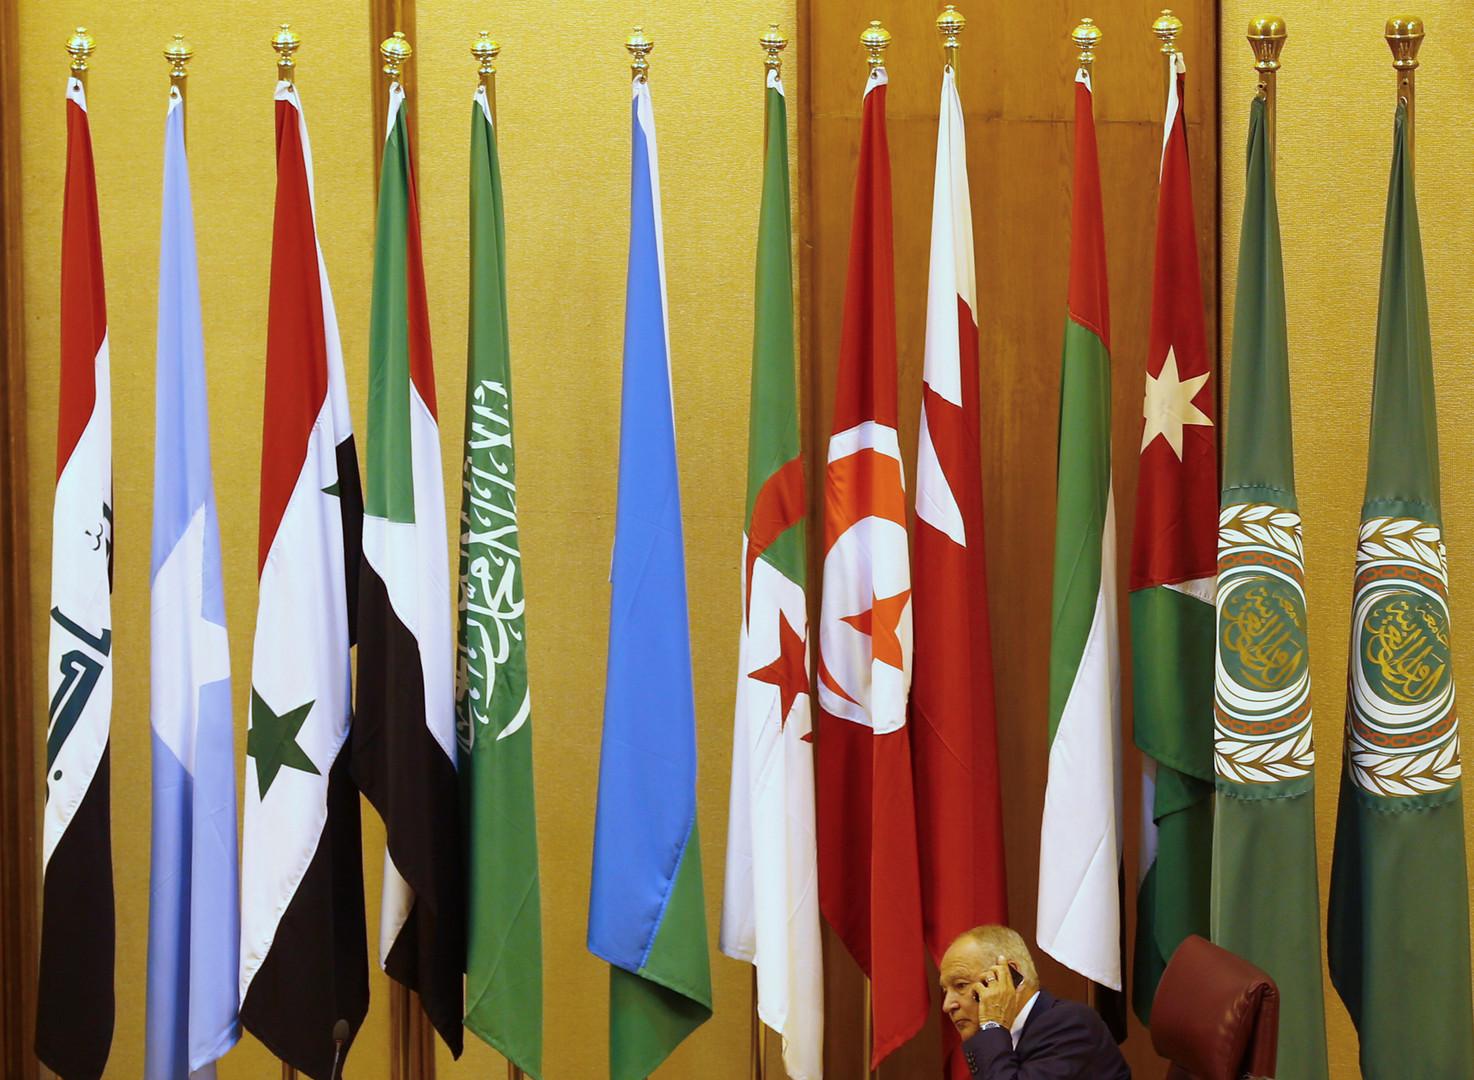 الجامعة العربية تعمم على الدول الأعضاء دعوة لعقد قمة عربية طارئة - RT Arabic